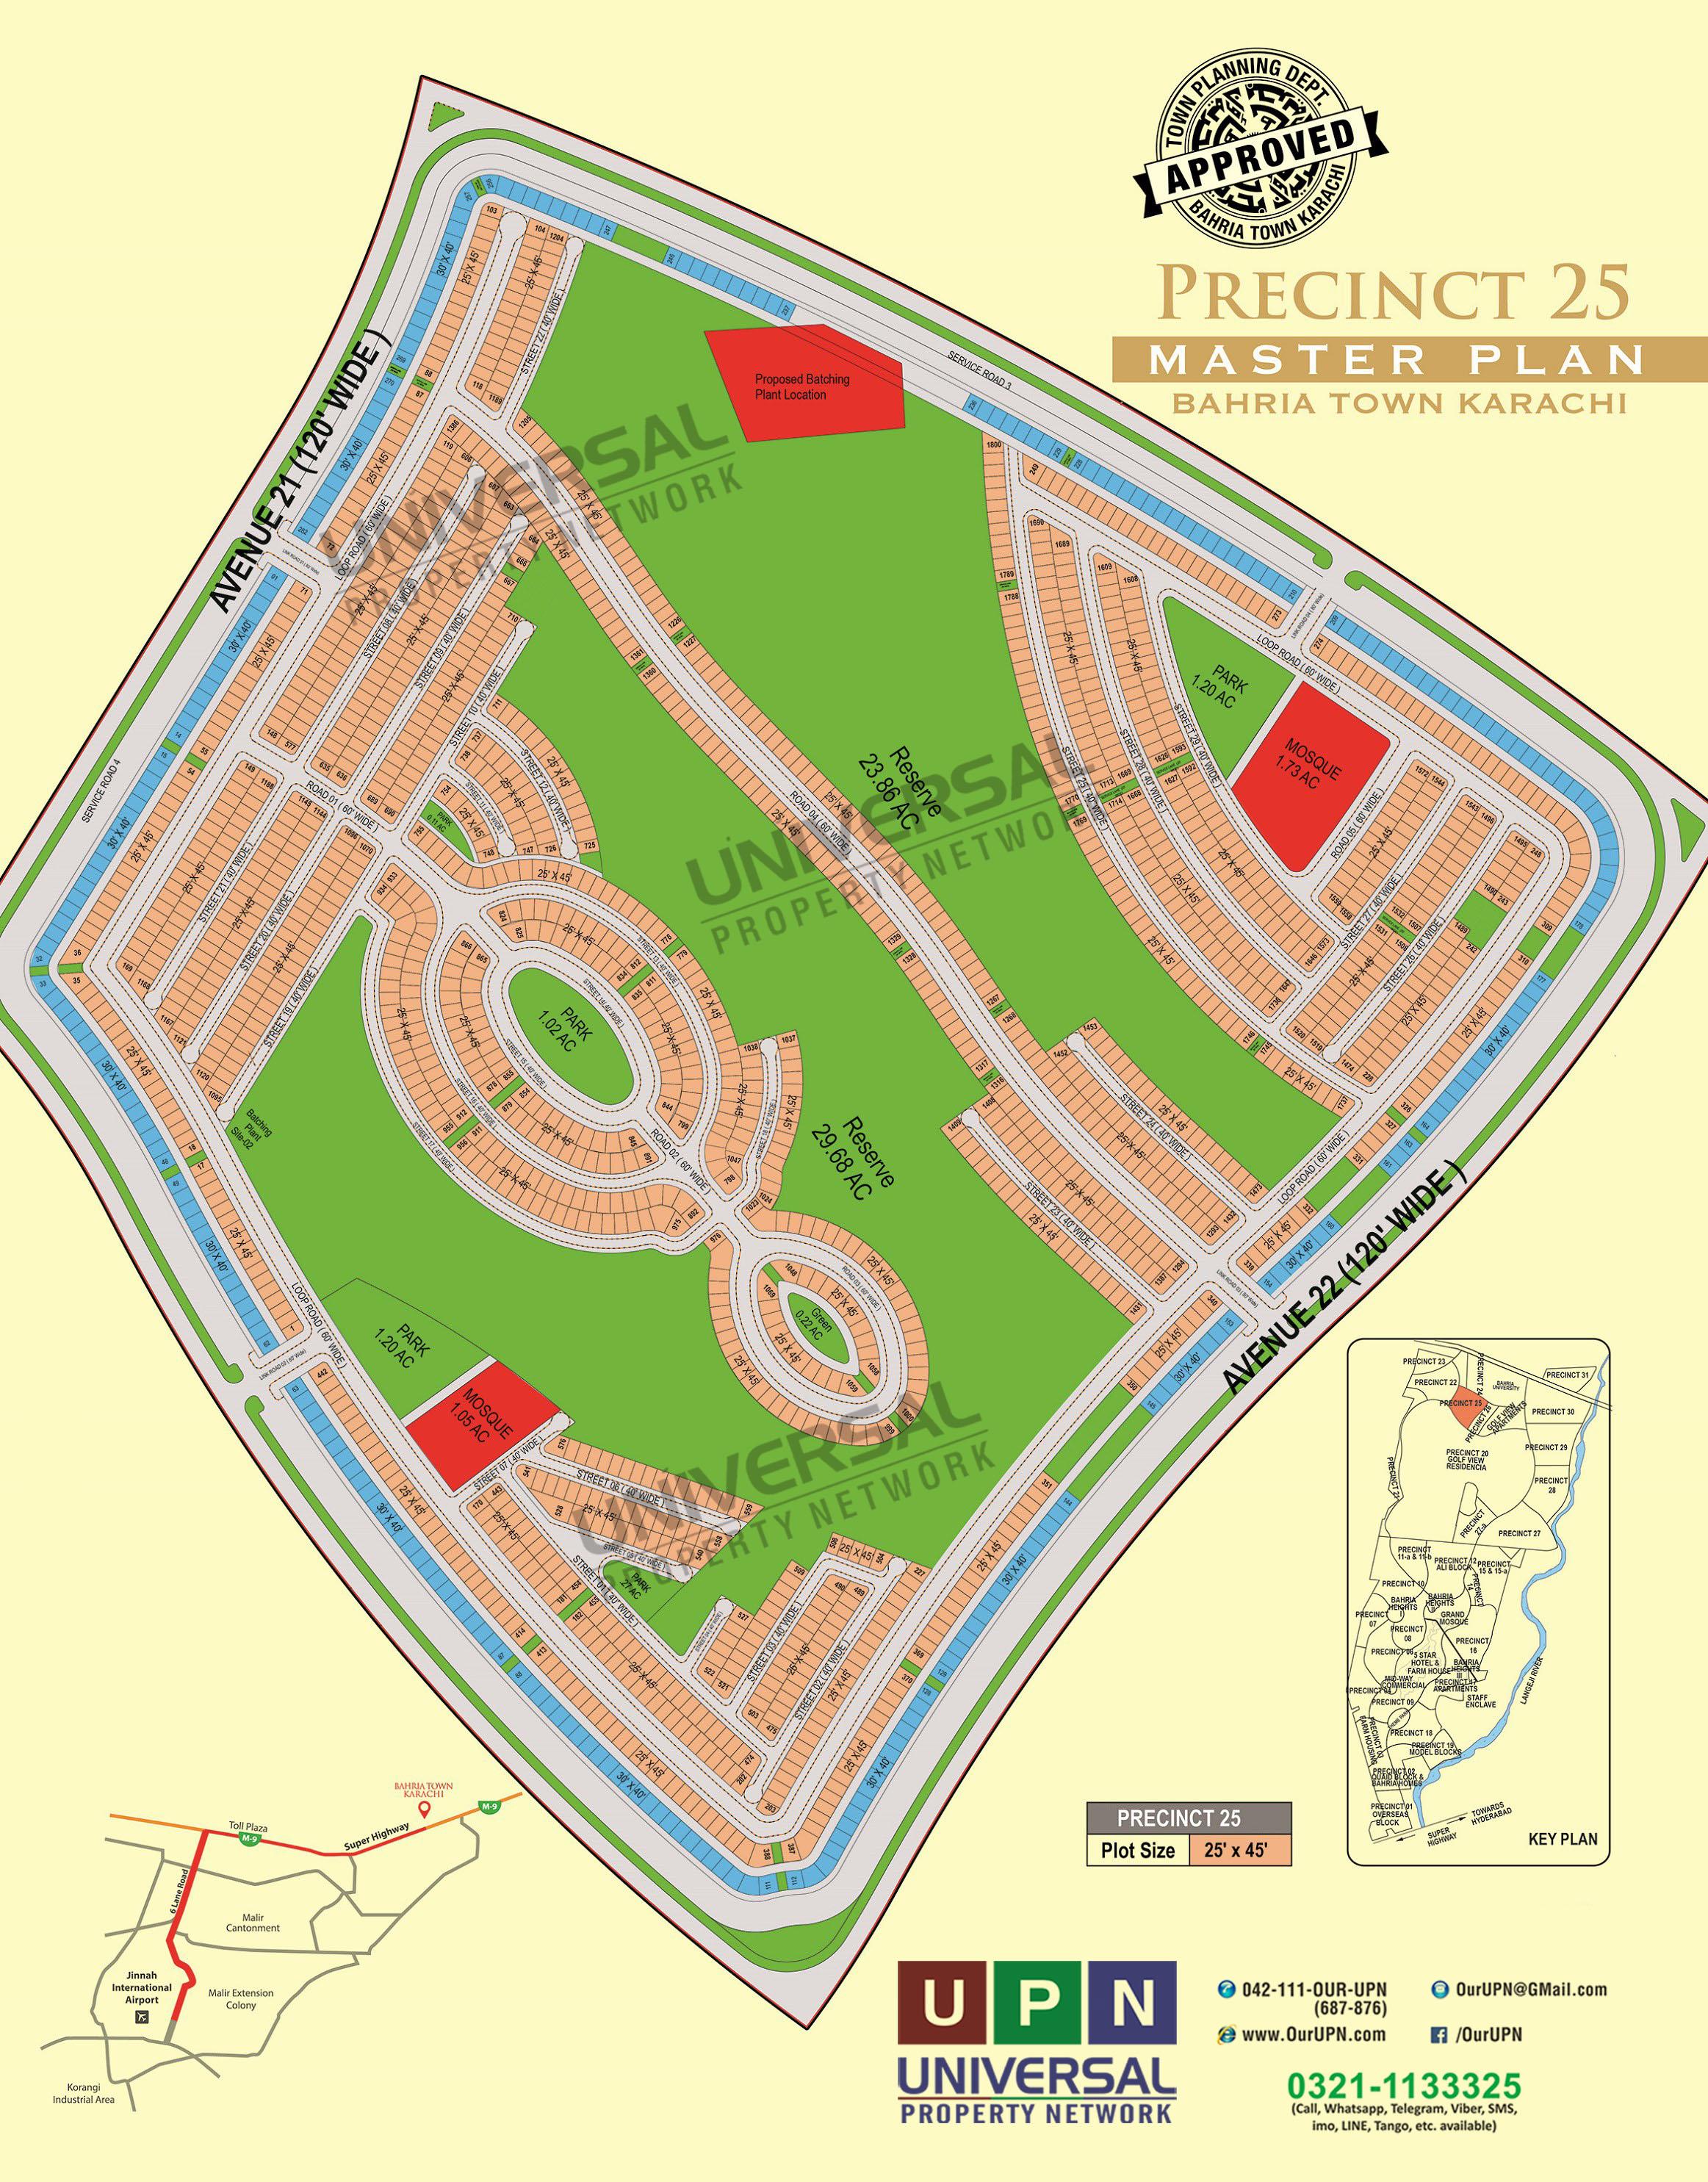 Precinct 25 Map Bahria Town Karachi - Bahria Town Karachi